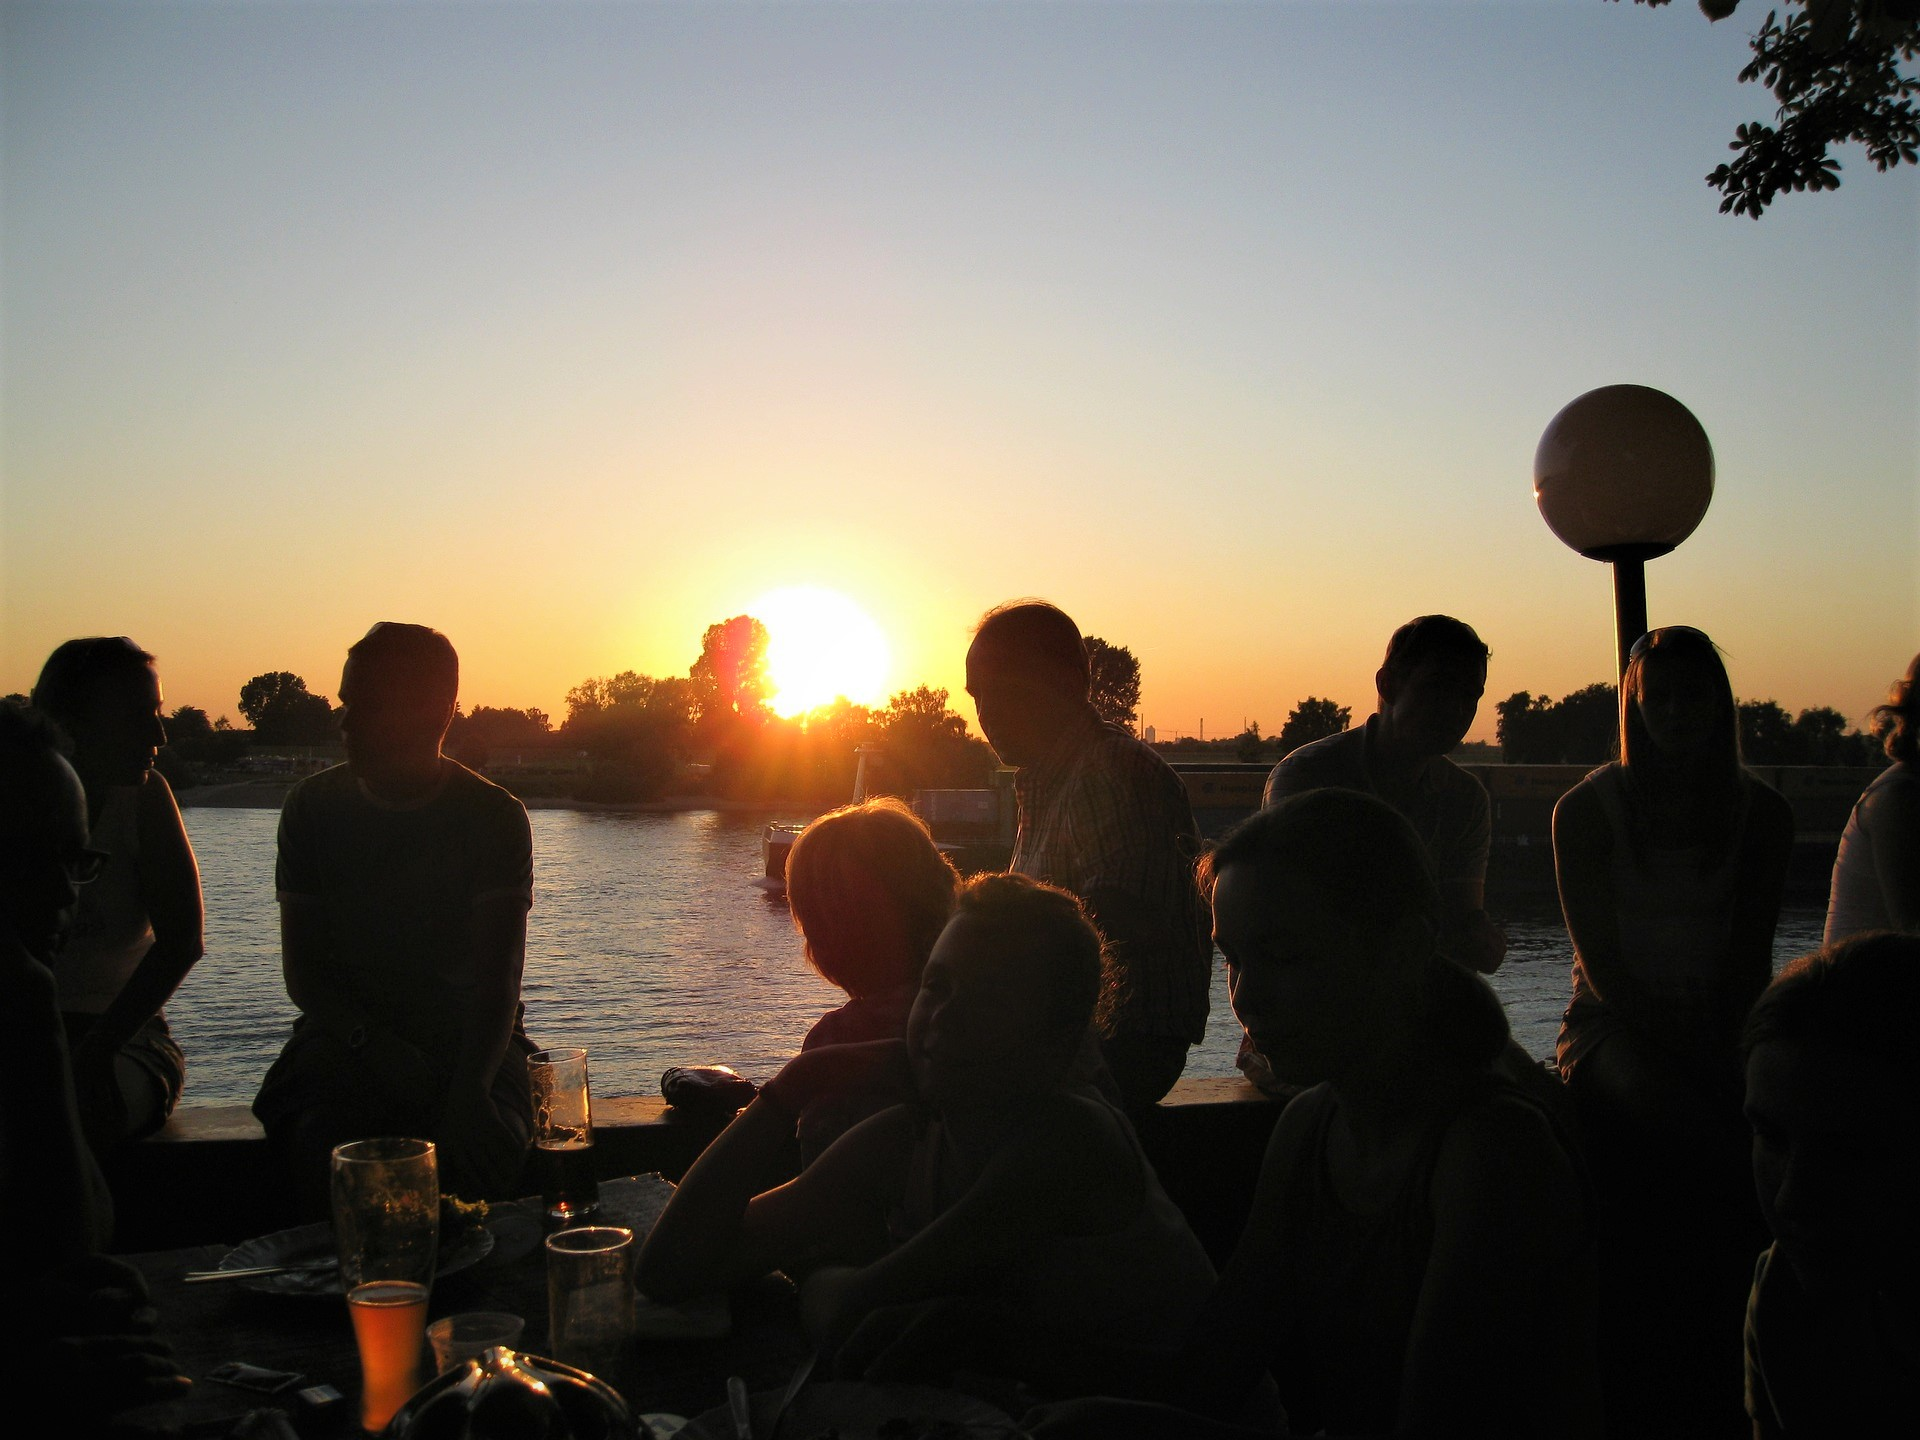 夕日を見つめながらお酒を片手に楽しく語らう人々